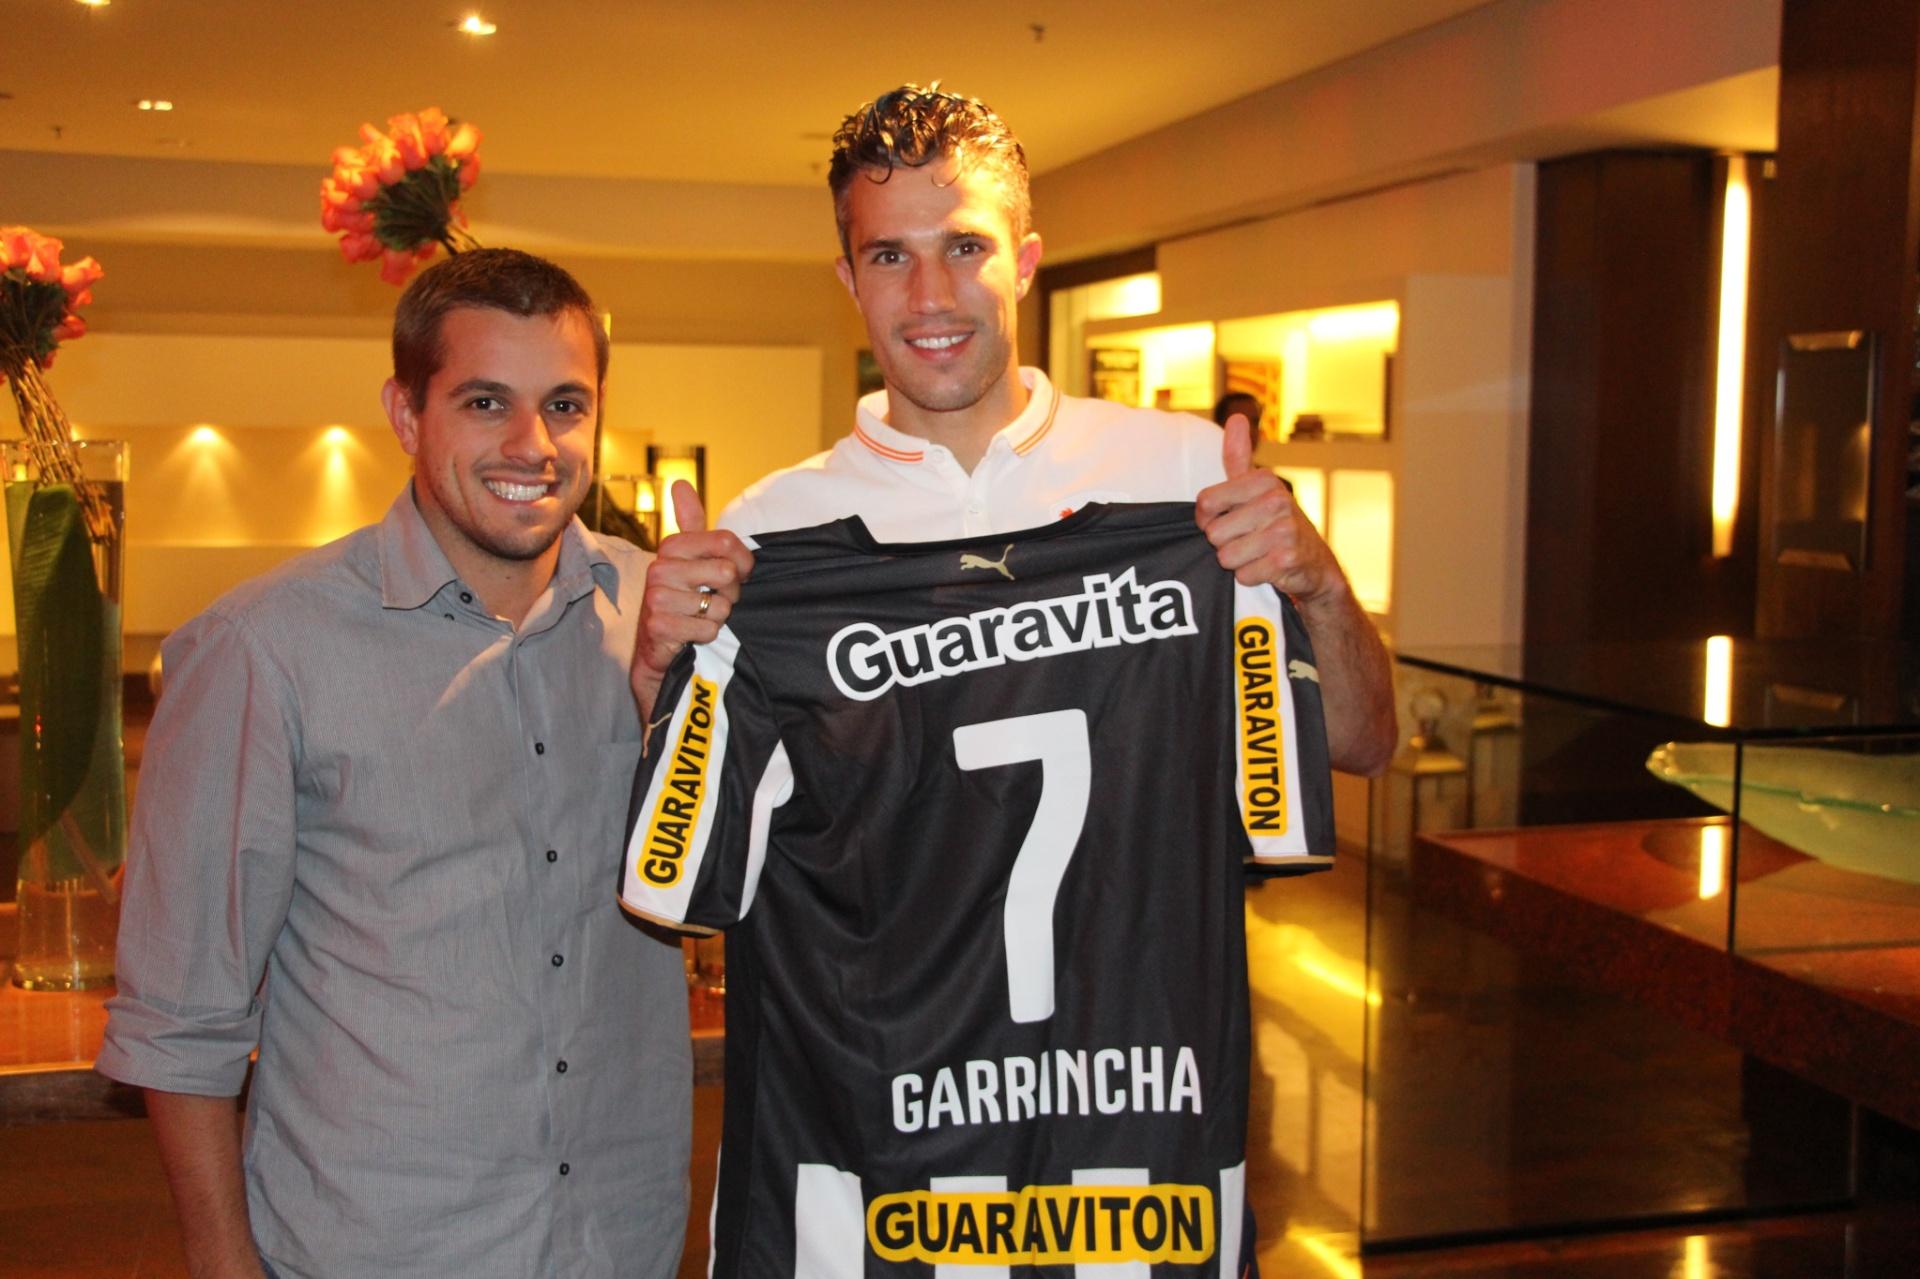 Botafogo homenageia holandês van Persie com camisa nº 7 de Garrincha - 27 06  2014 - UOL Esporte 81d349bec791e